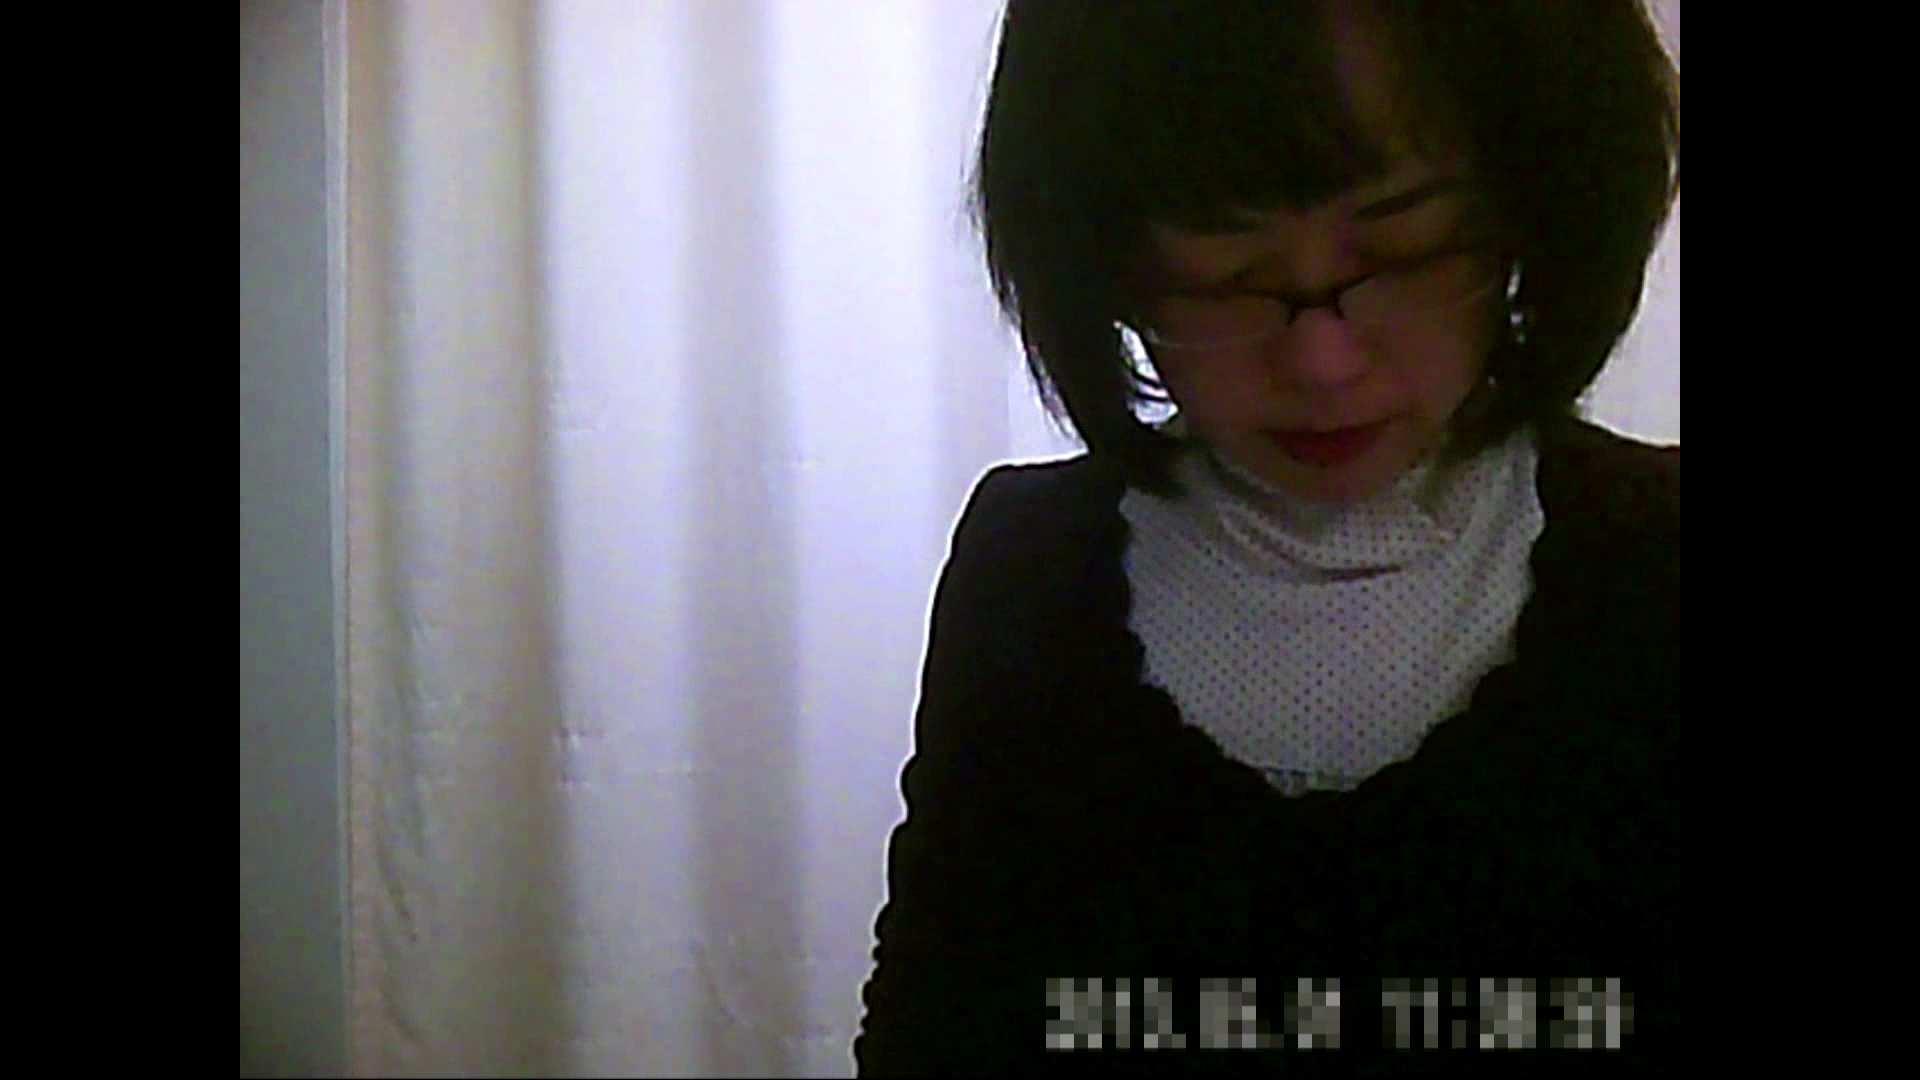 元医者による反抗 更衣室地獄絵巻 vol.090 OL | 0  30連発 27